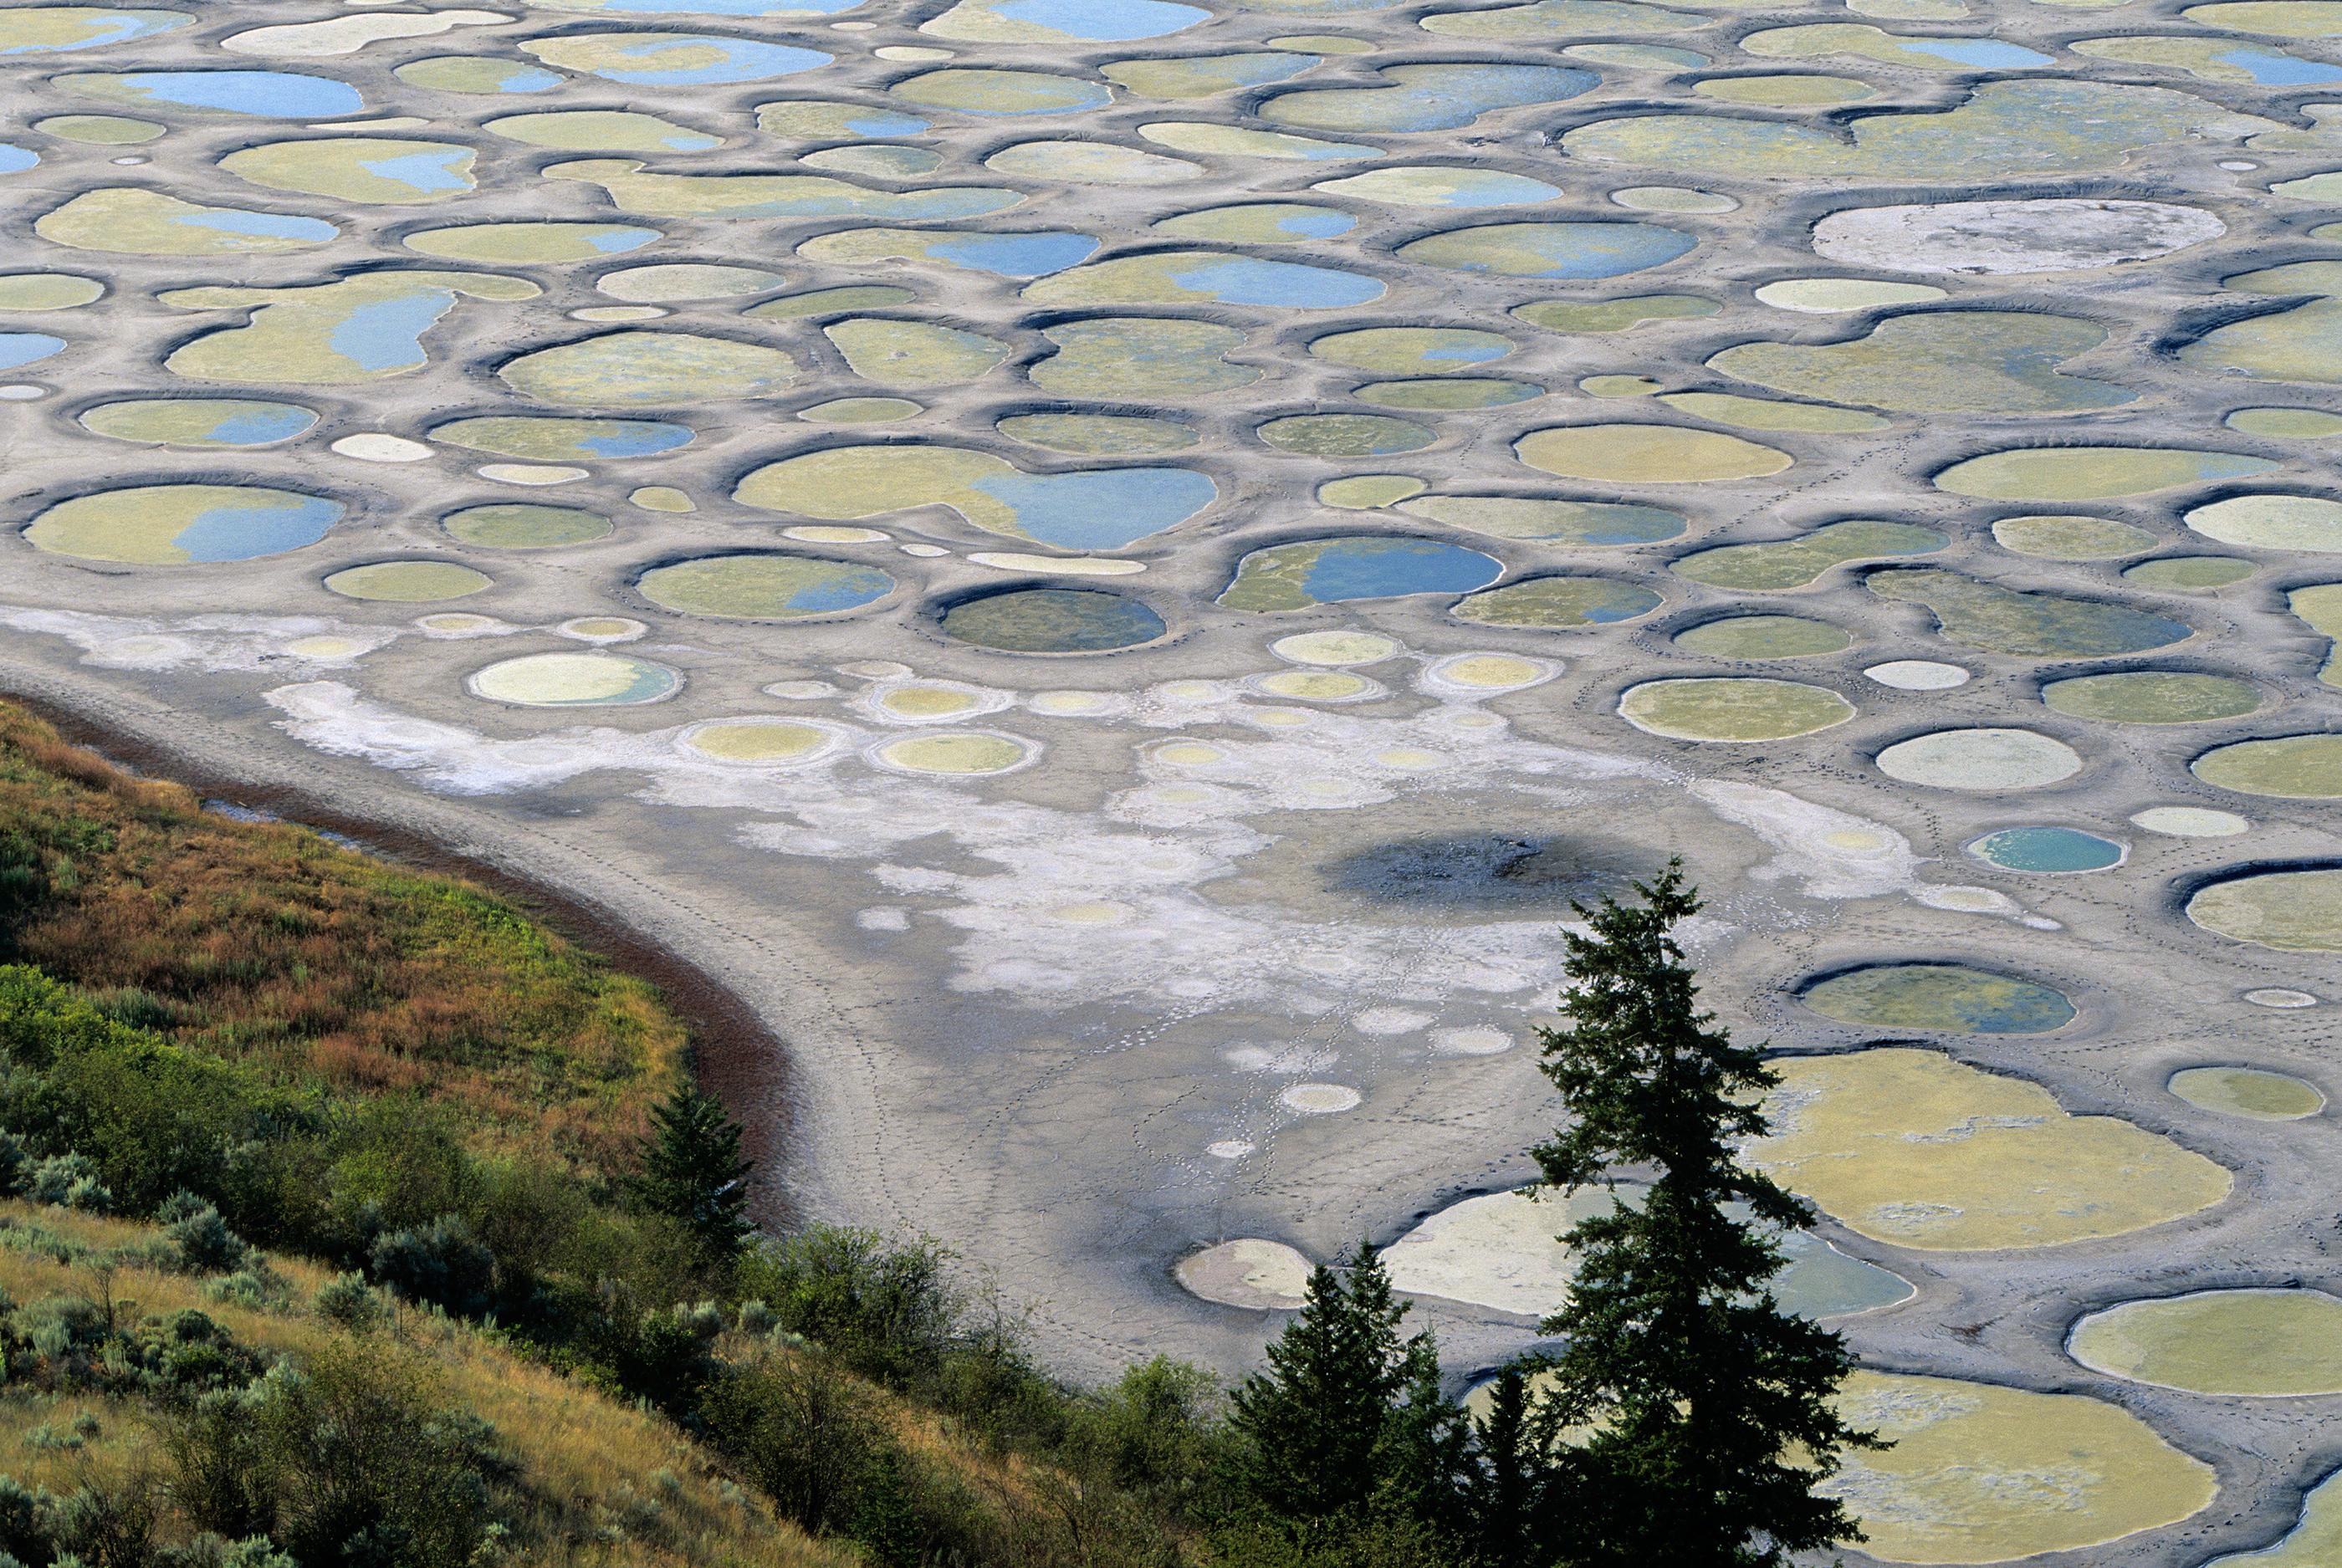 171108-wonders-spotted-lake